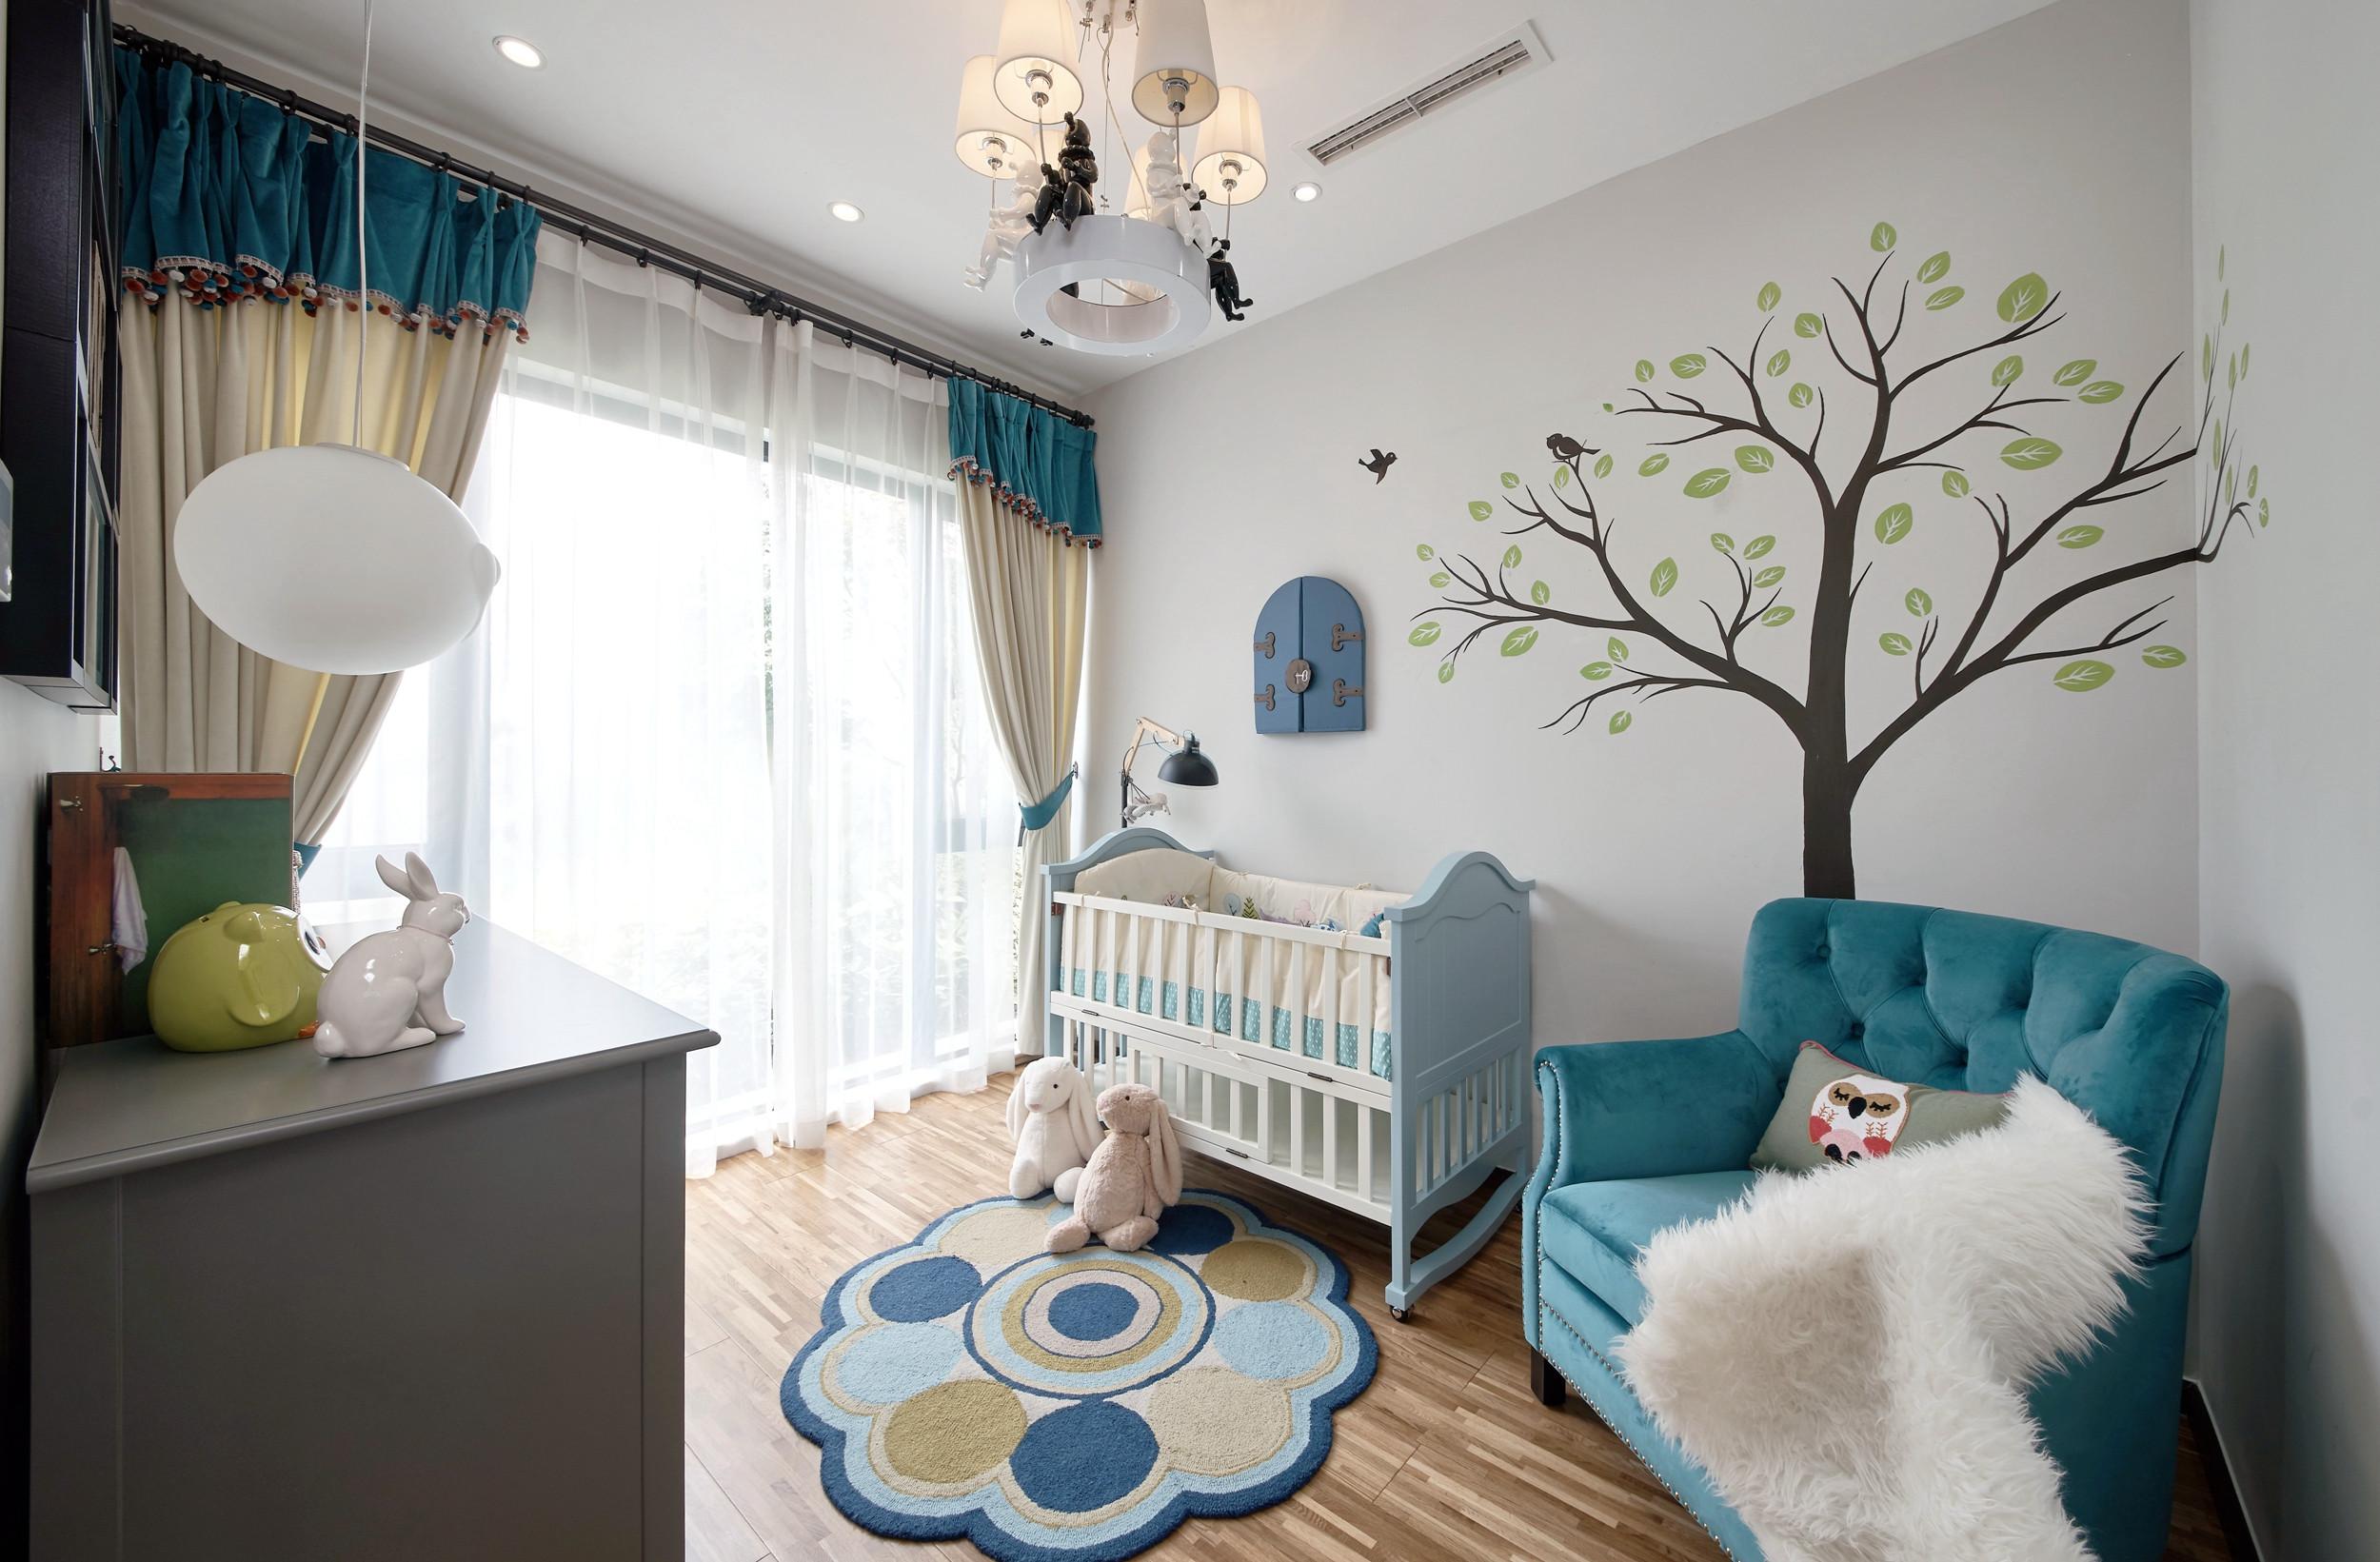 89平现代简约风设计婴儿房布置图